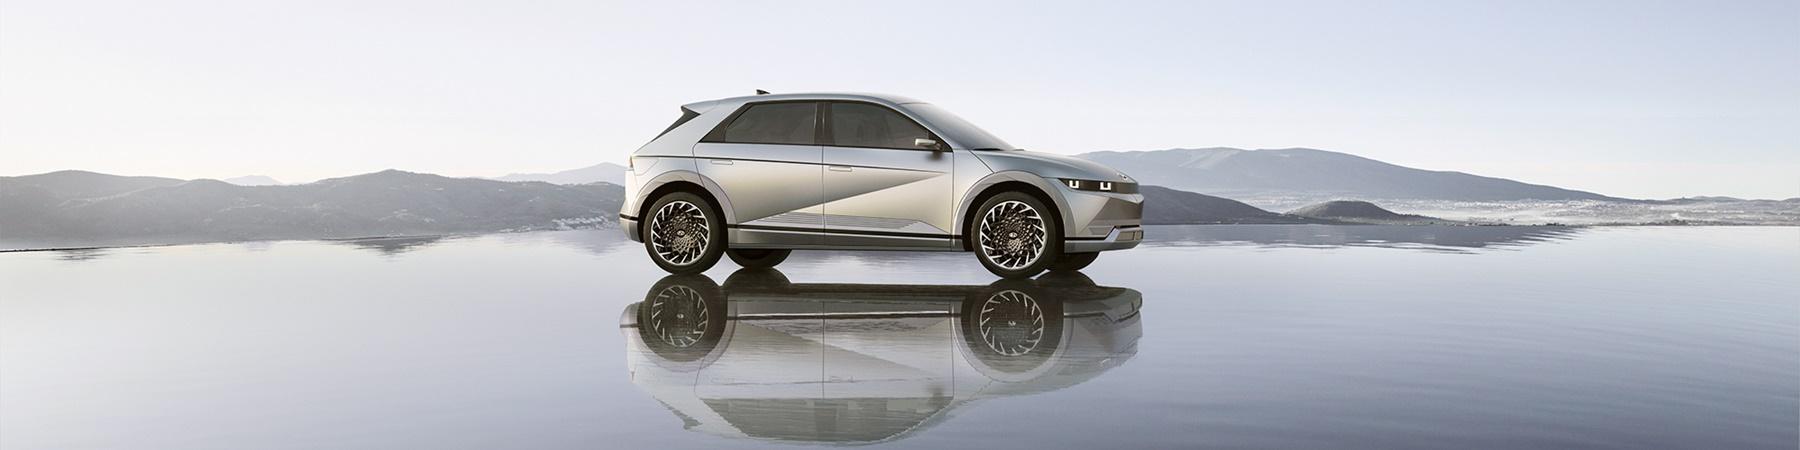 Hyundai IONIQ 5 58kWh 326 km actieradius